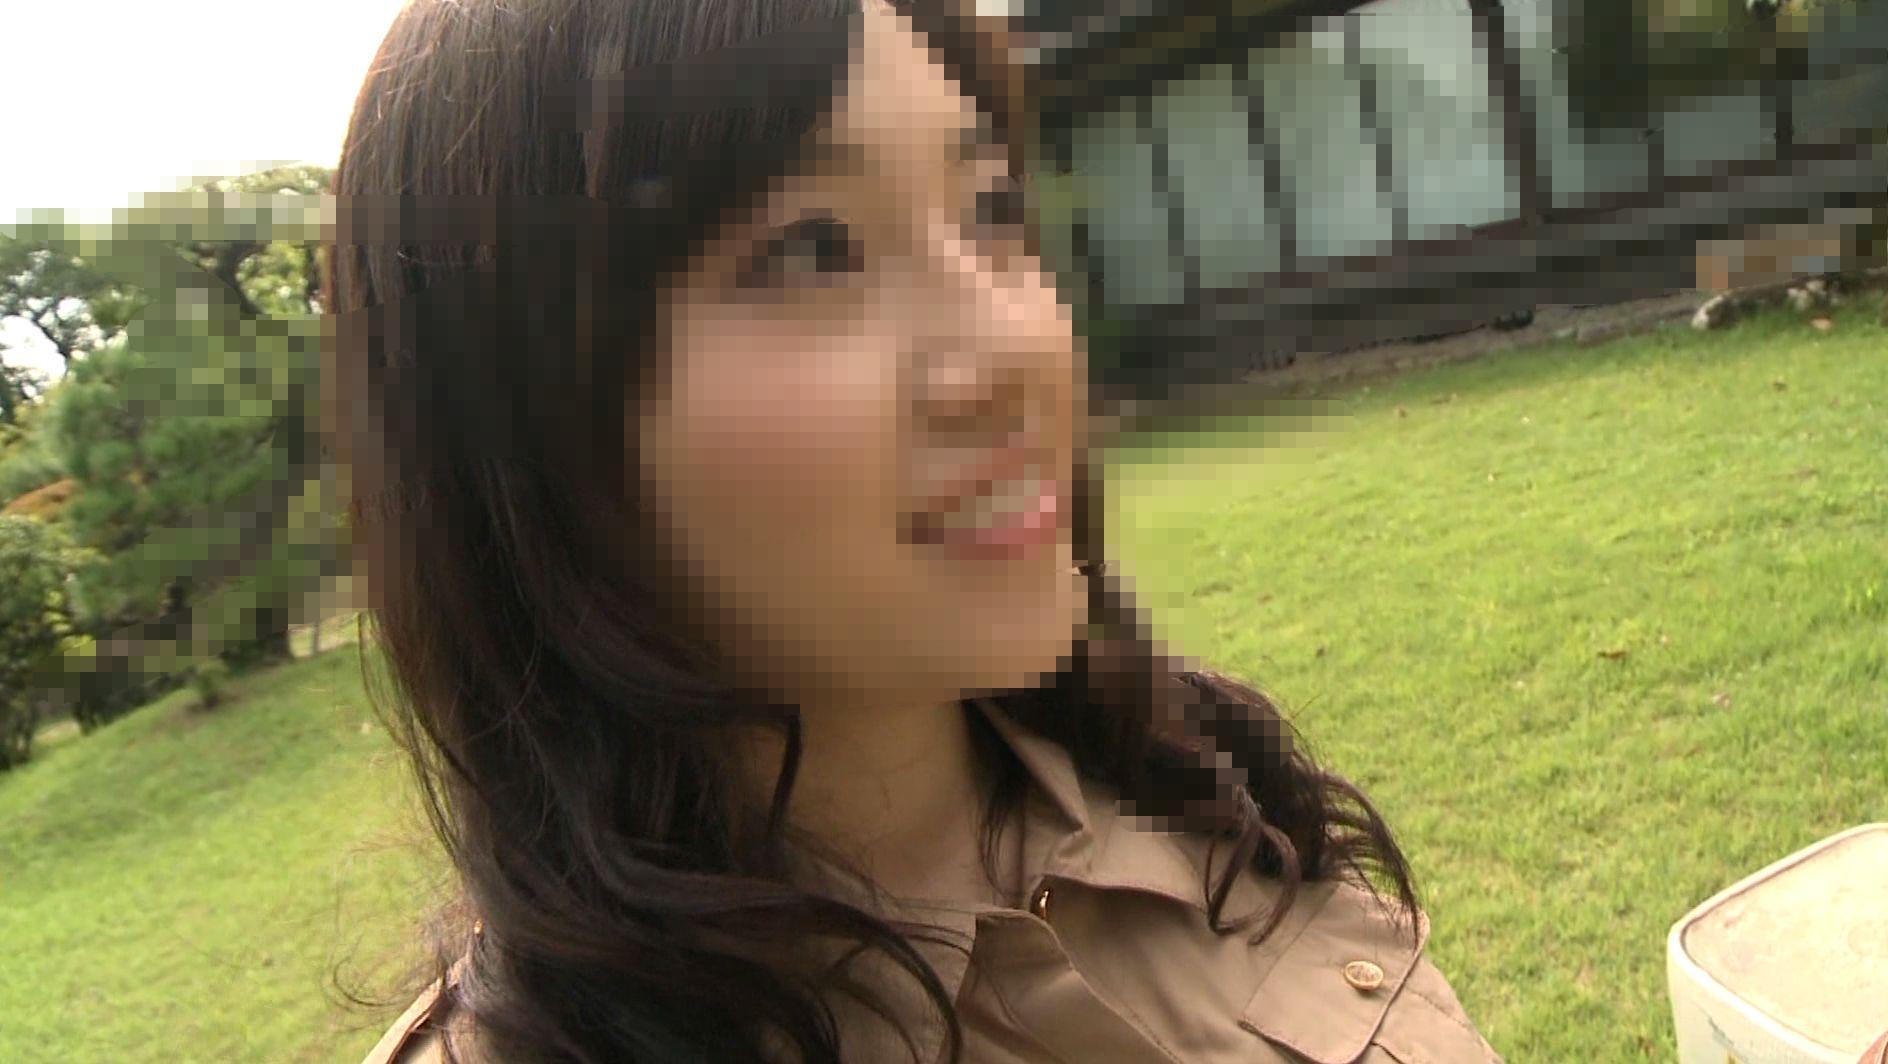 gokui20190617 04 - 出会い系で人妻とやりまくり! だれでもできる主婦とセックスするための極意